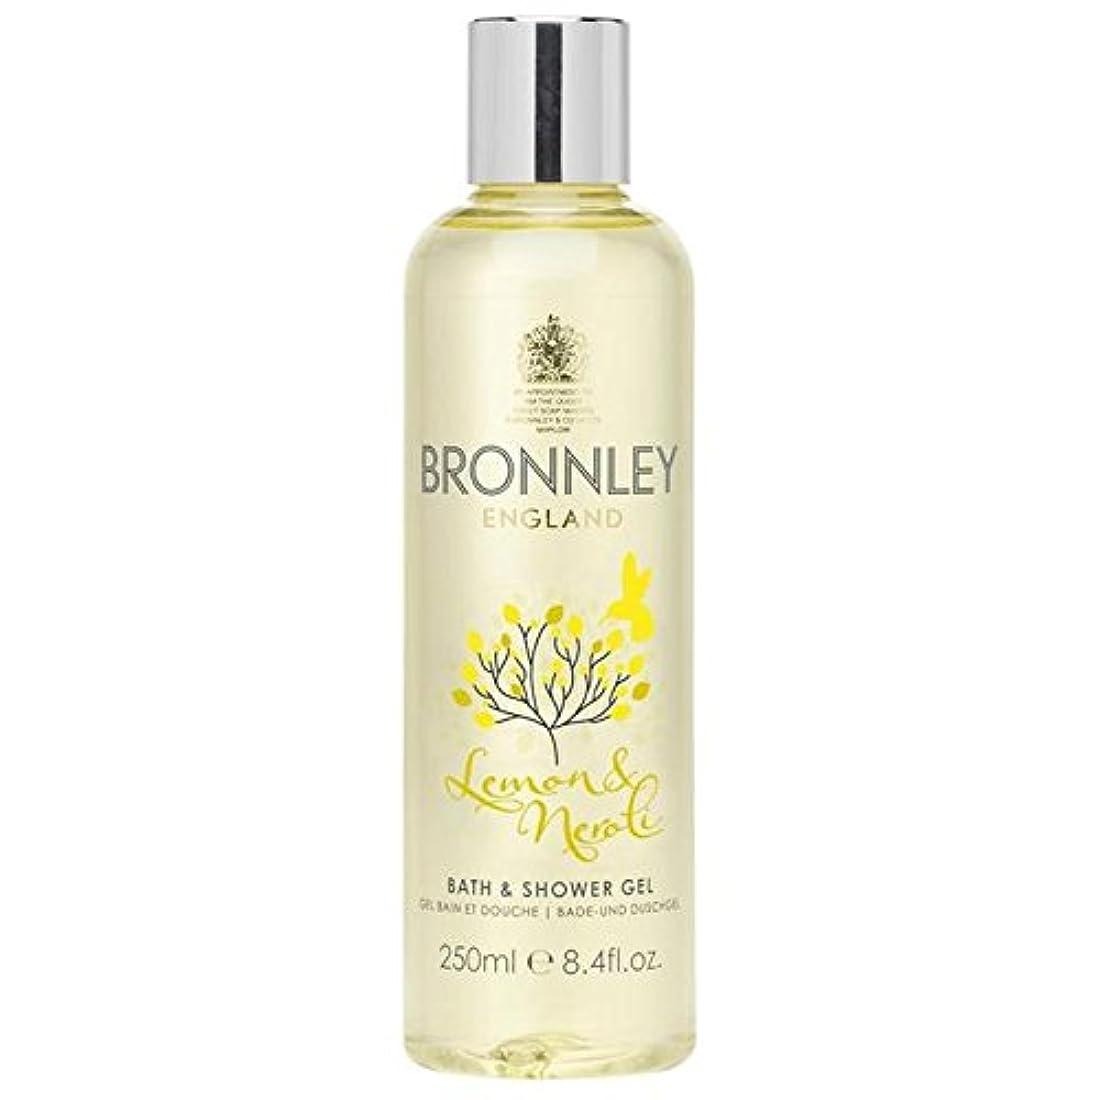 販売計画ファックス器官Bronnley Lemon & Neroli Bath & Shower Gel 250ml (Pack of 6) - レモン&ネロリバス&シャワージェル250ミリリットル x6 [並行輸入品]